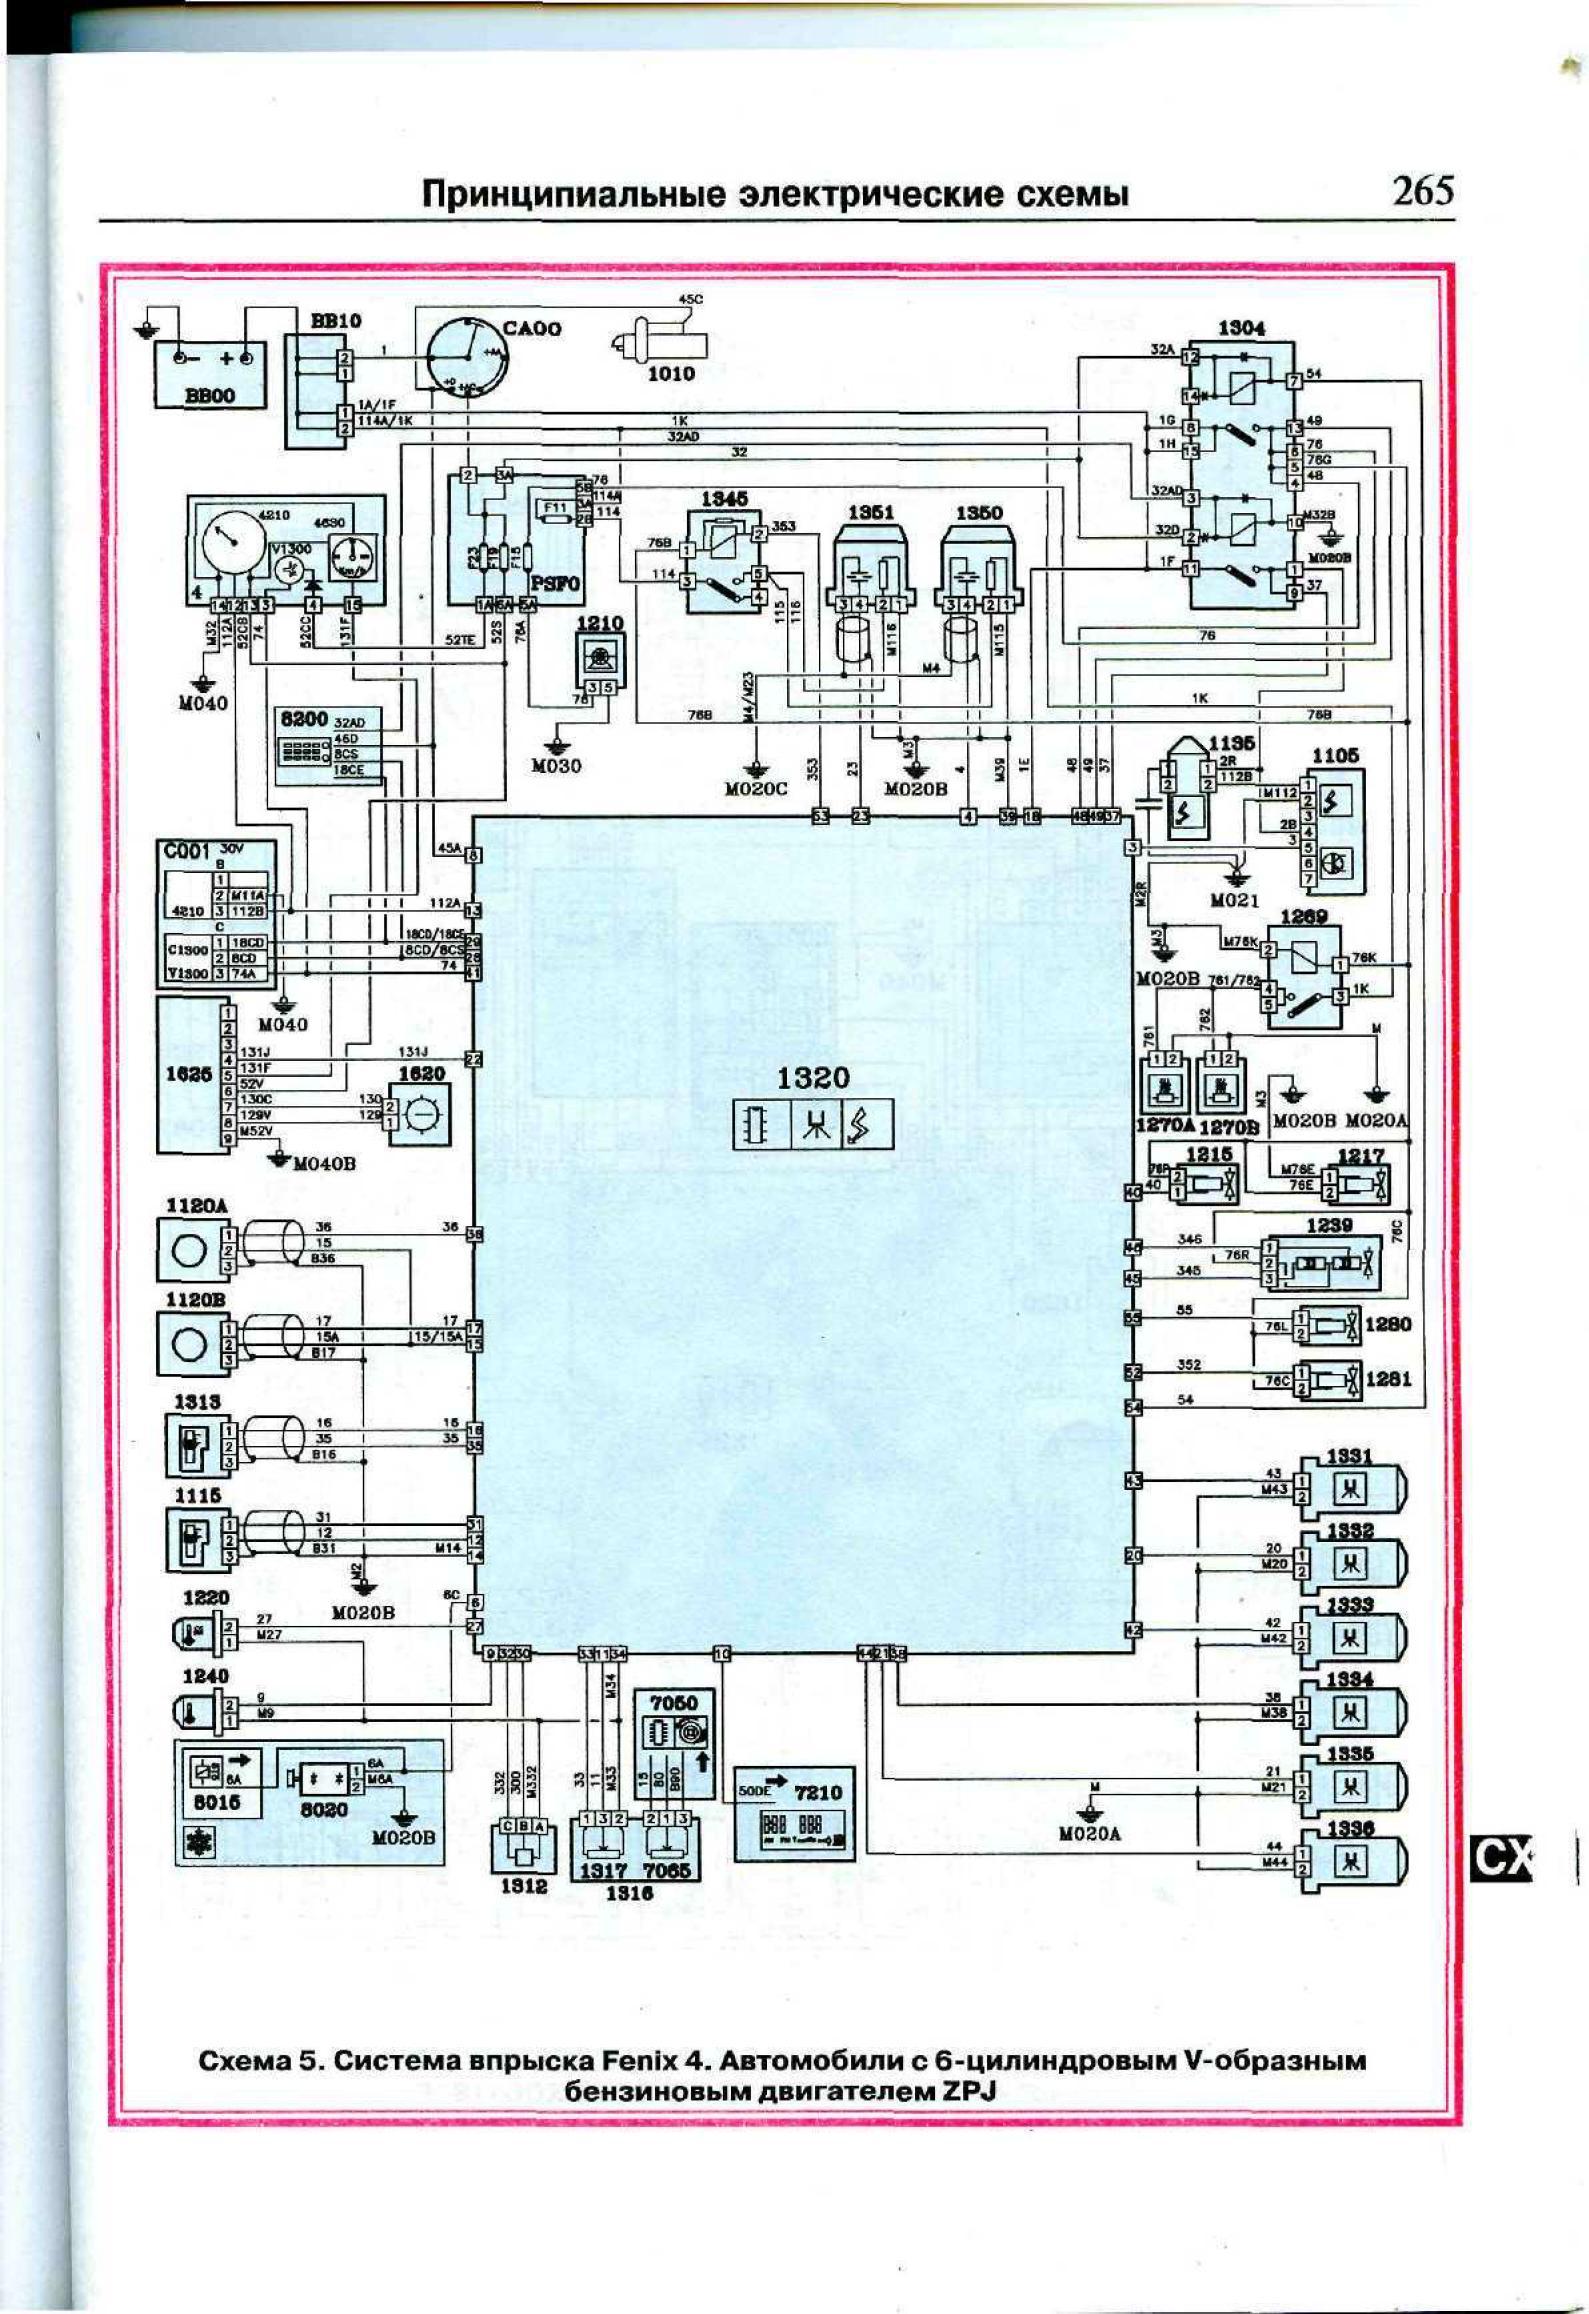 Схема двигателя пежо 605